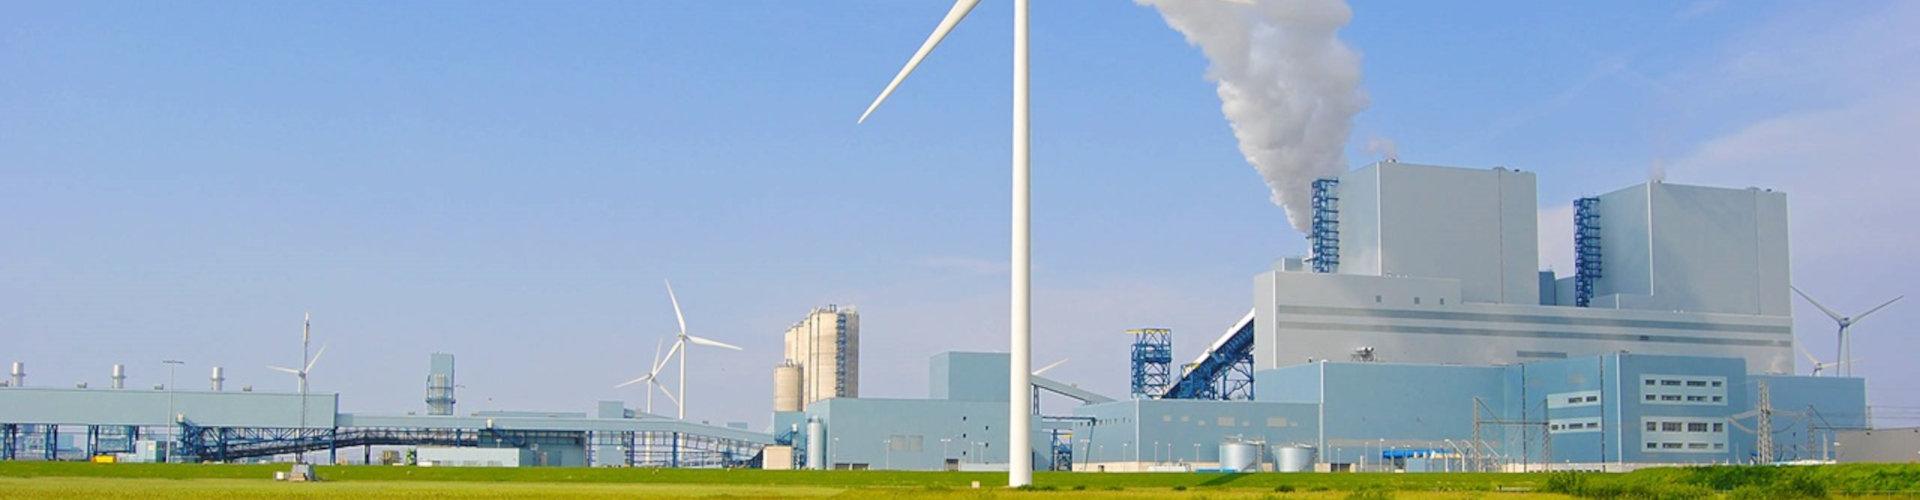 Energiecentrale RWE Eemshaven 07